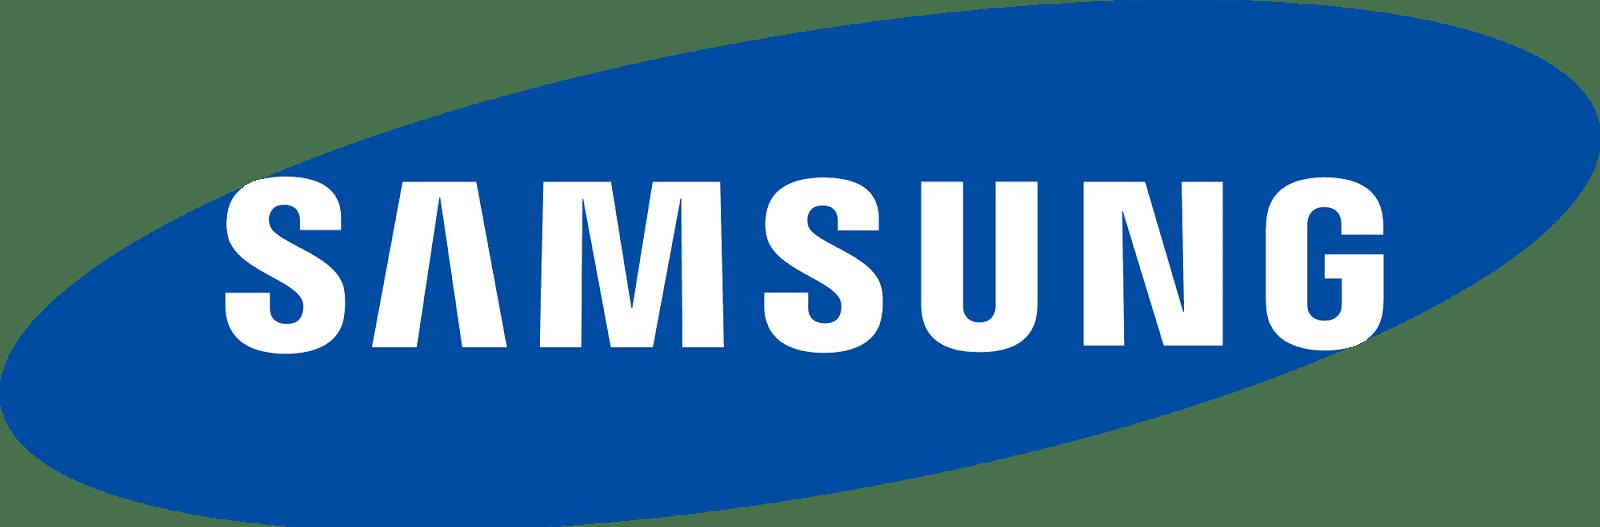 Kumpulan Logo Samsung Format Png Vektor Berwarna Dan Hitam Putih